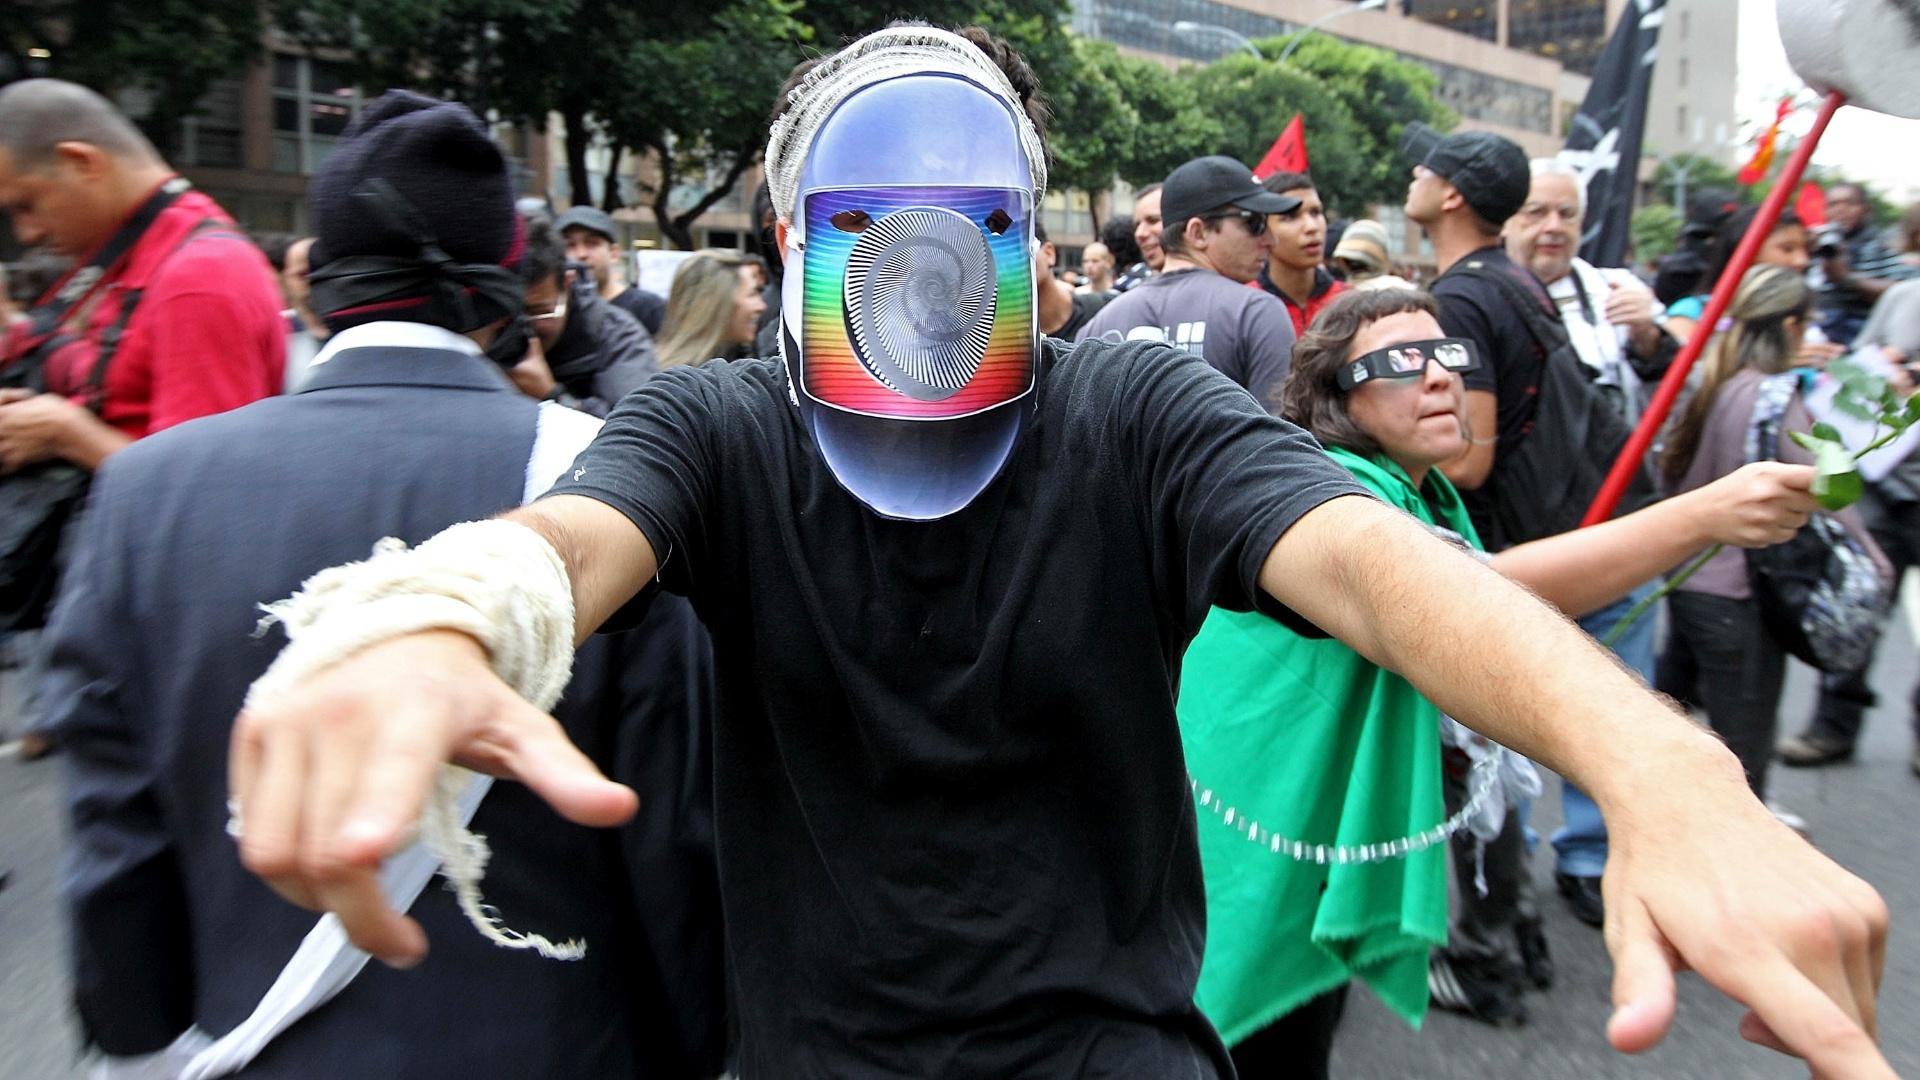 31.out.2013 - Manifestante usa máscara da rede Globo de televisão durante o ato